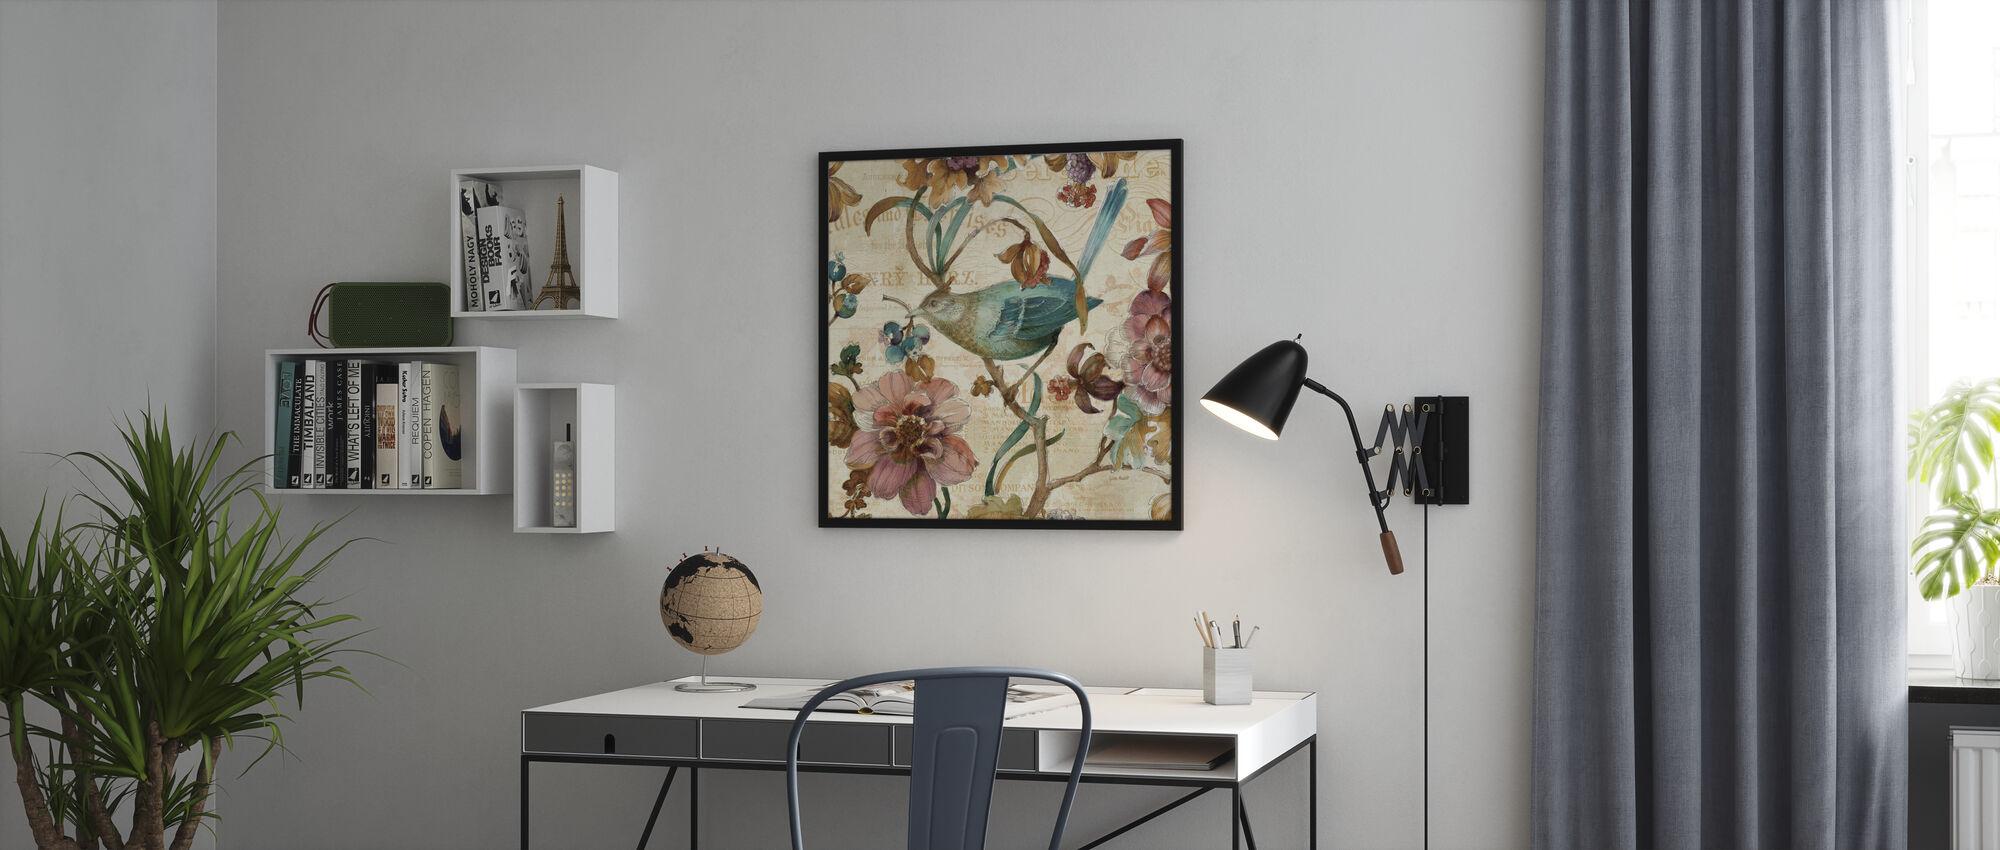 A Garden Moment 2 - Poster - Office